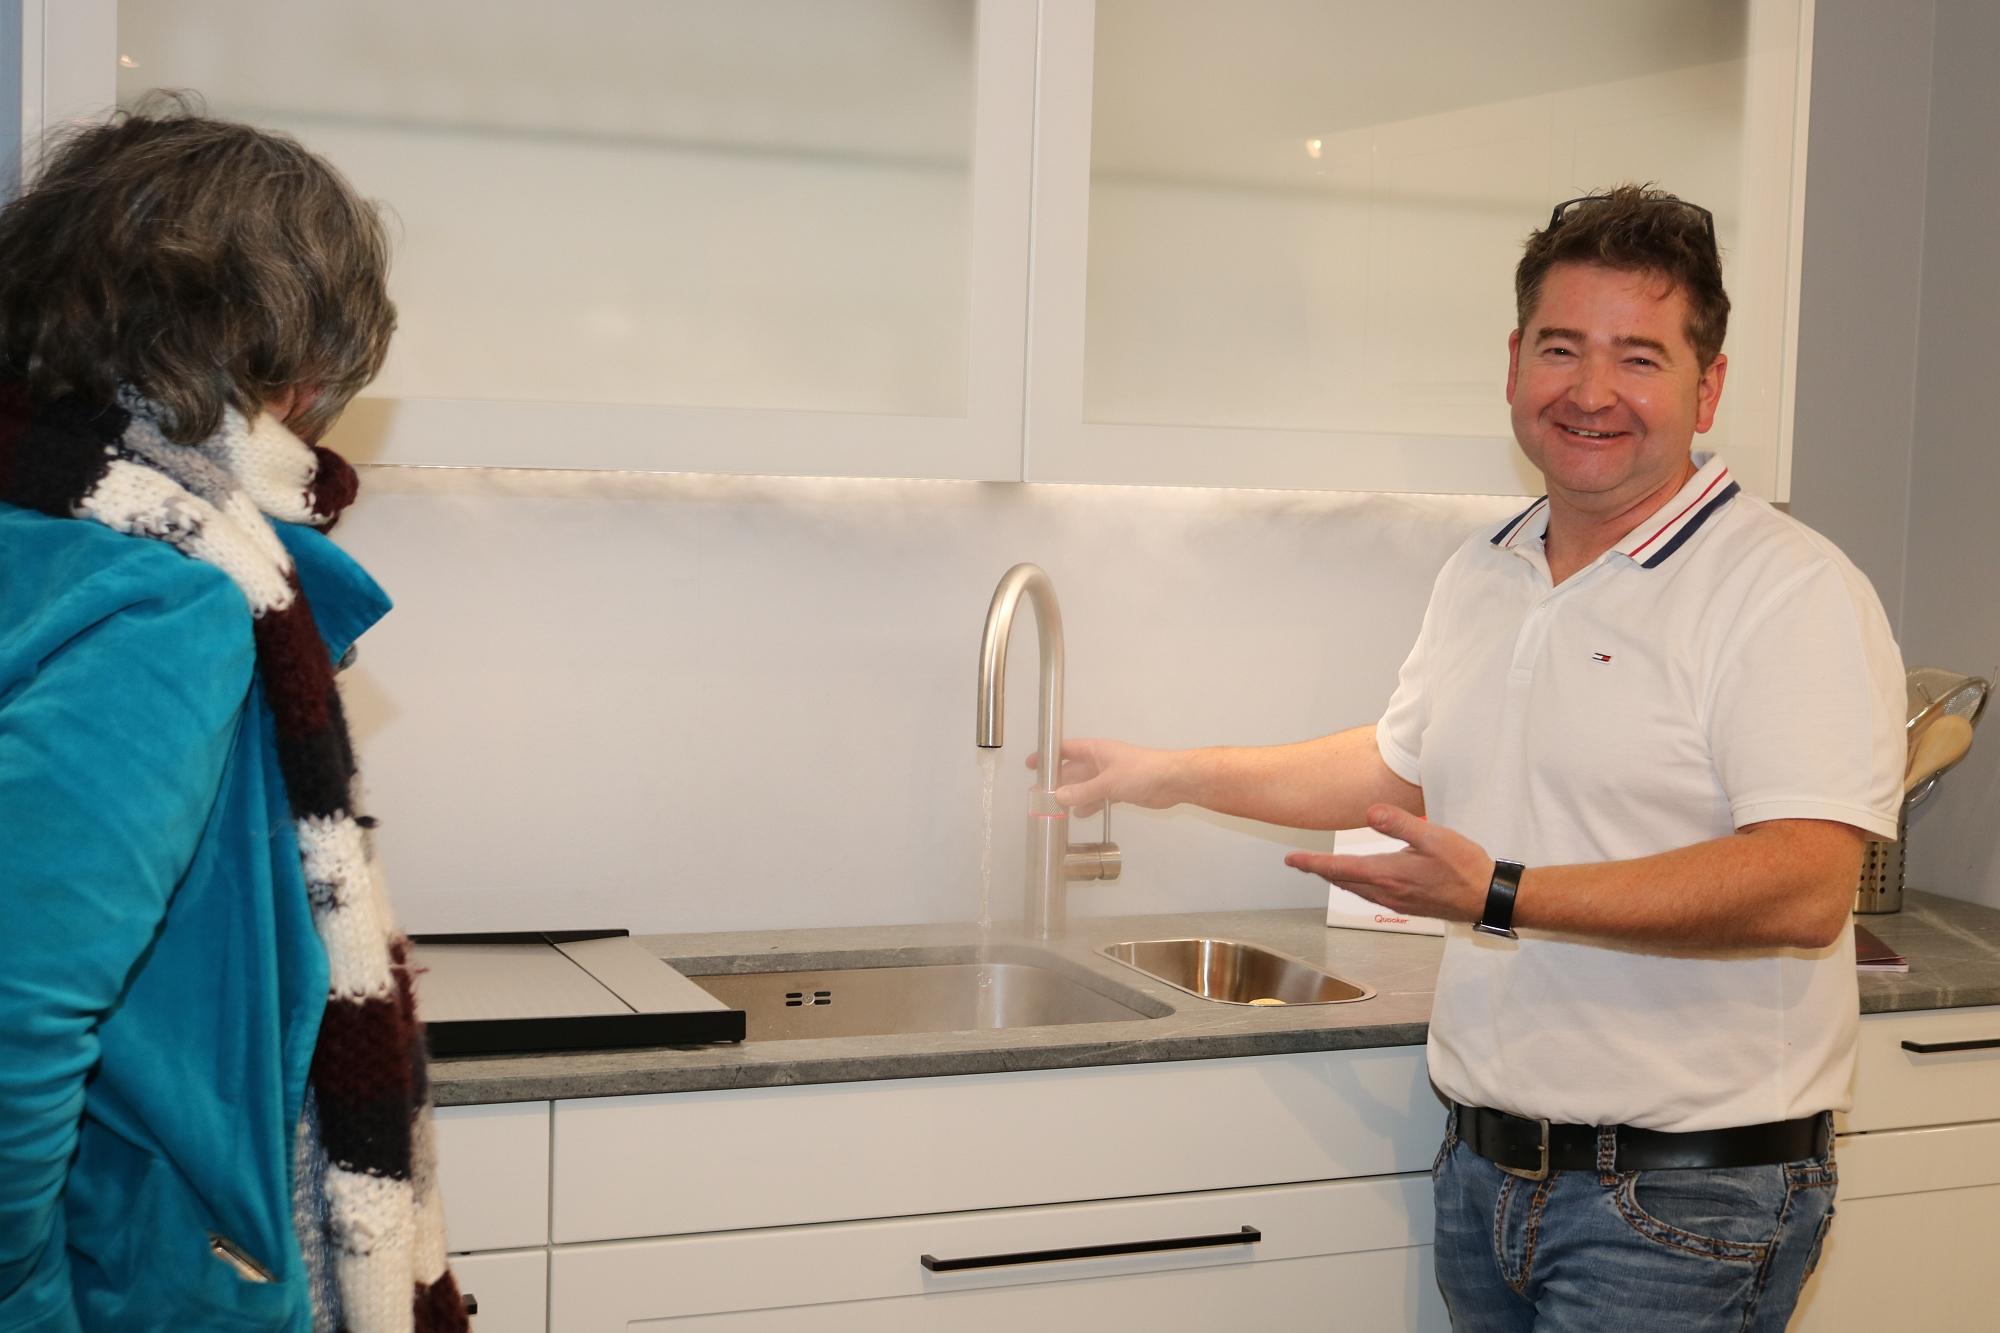 201811-40-Jahre-Küchen-Hoklas-2